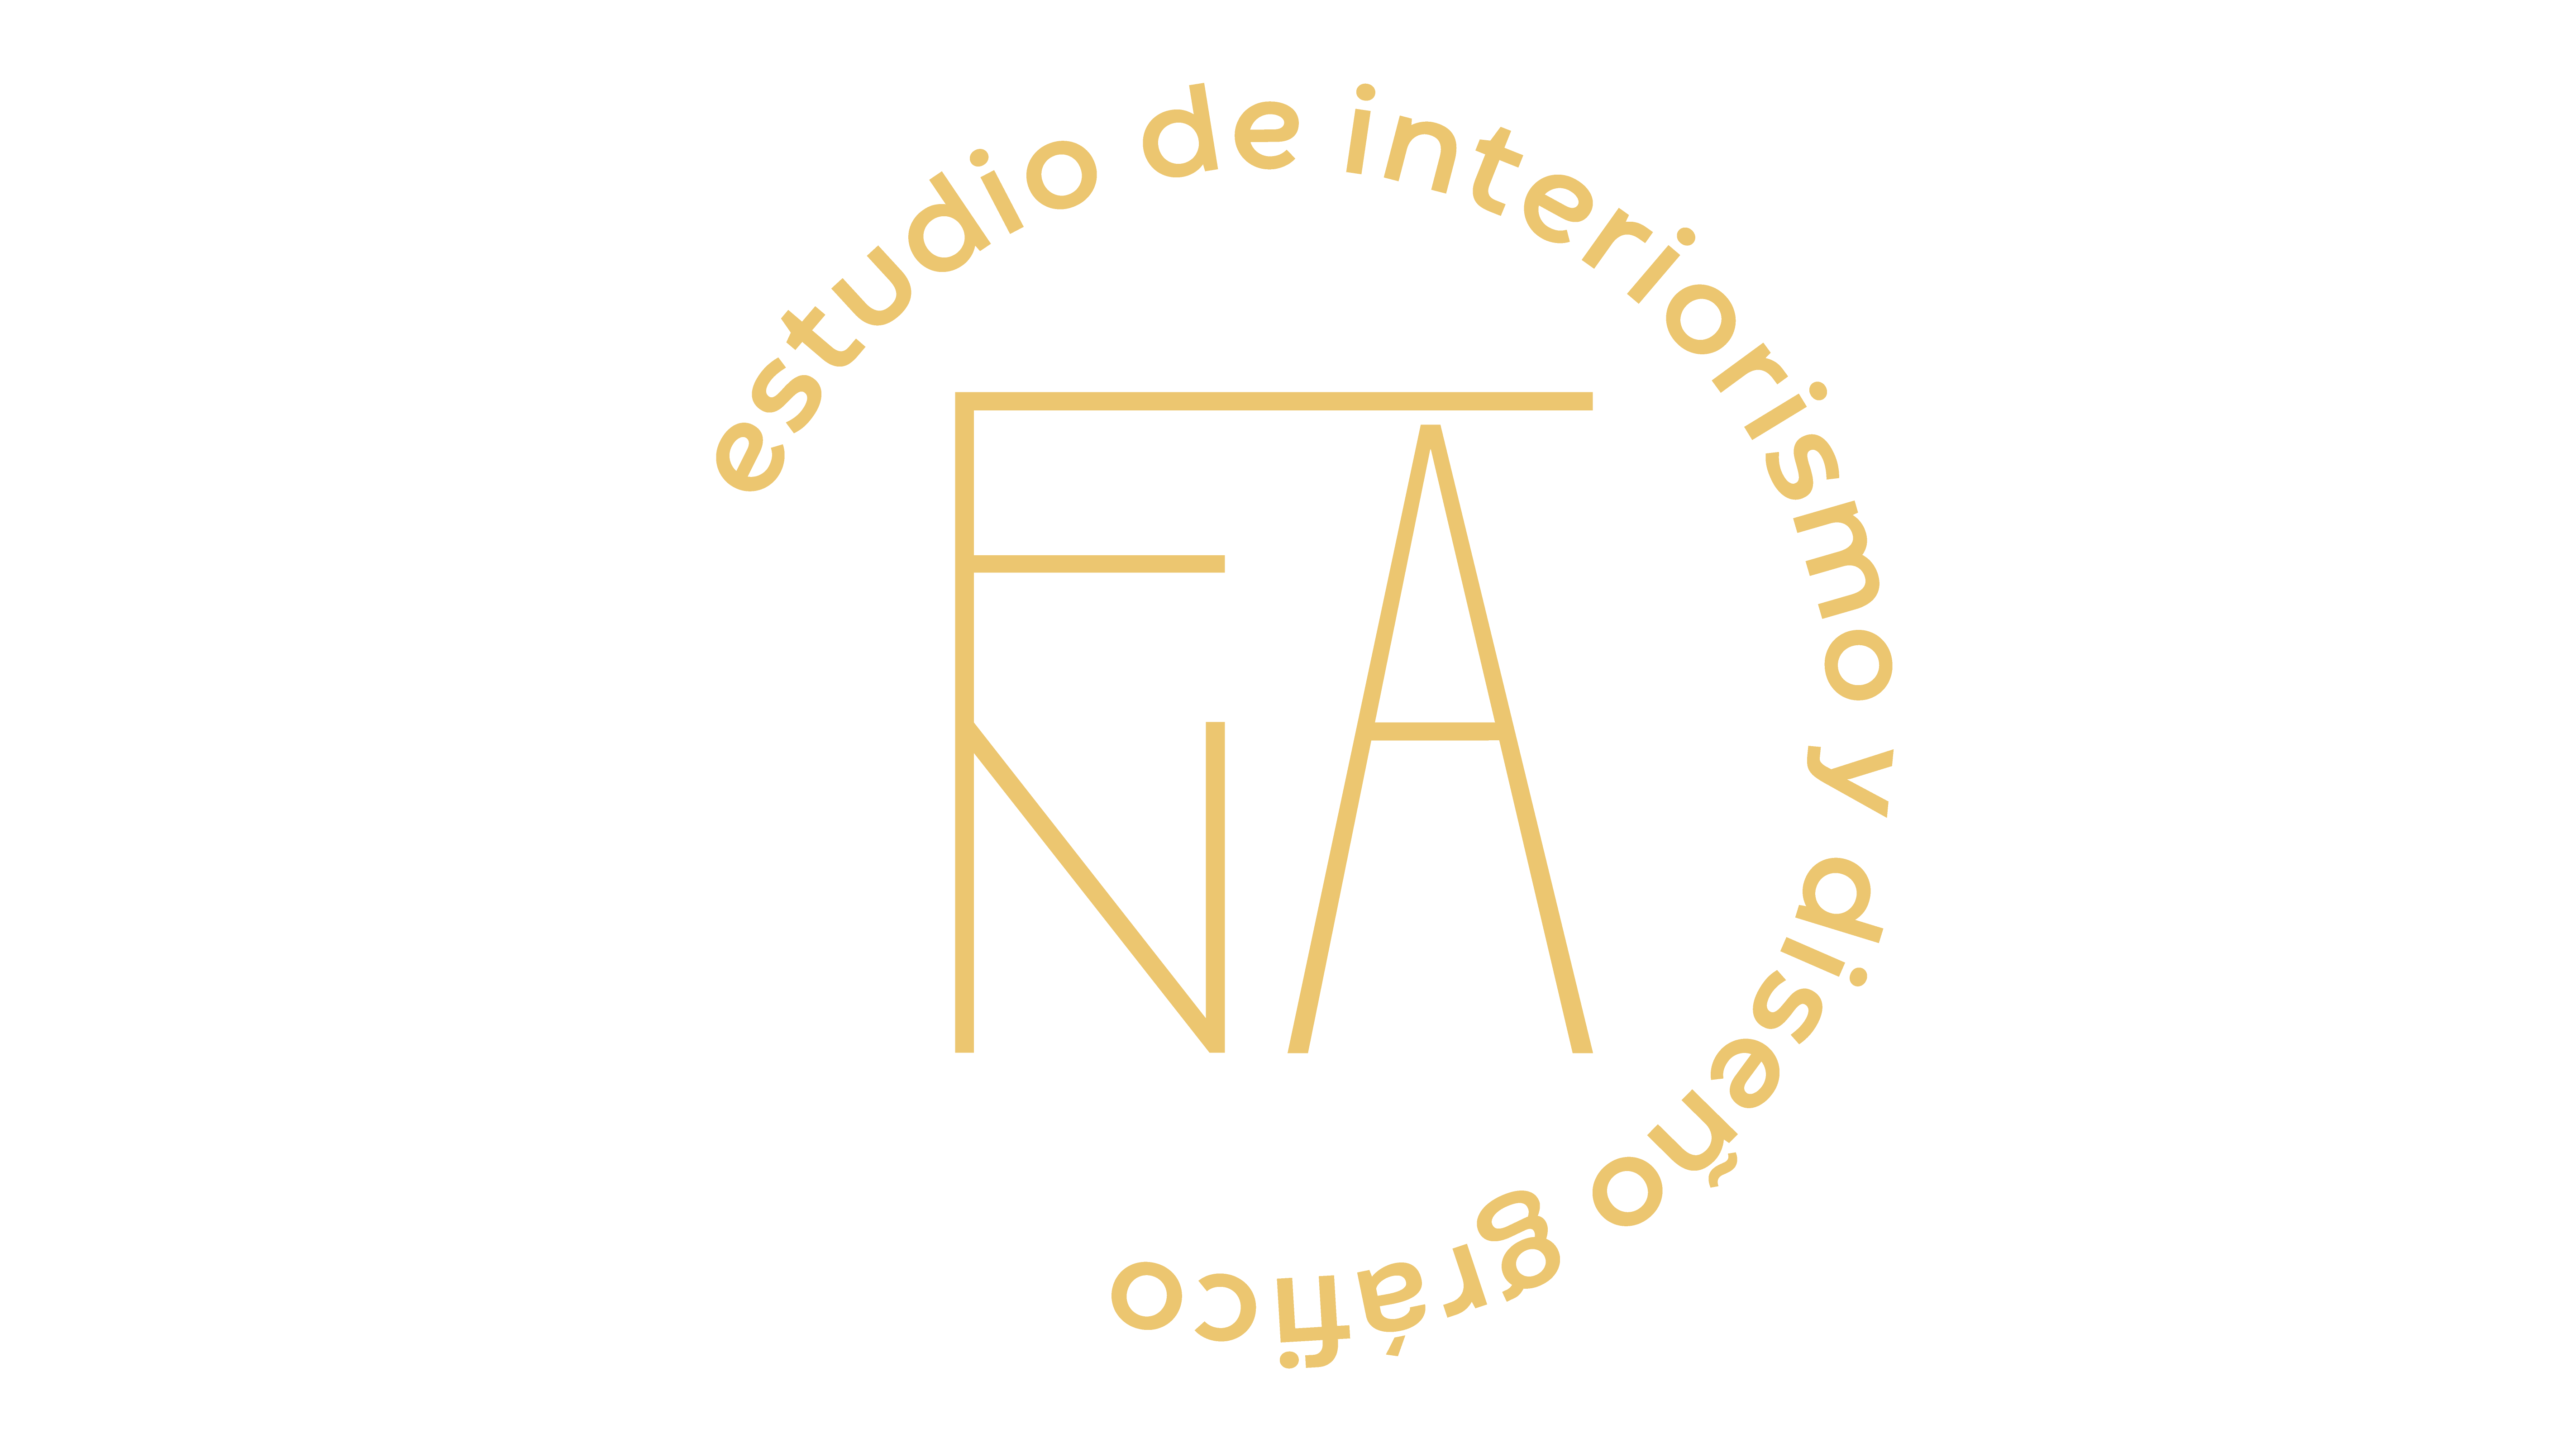 Estudio de interiorismo y diseño gráfico en Málaga y Marbella - Alameda Principal 33 - 3º - 29001 - Málaga